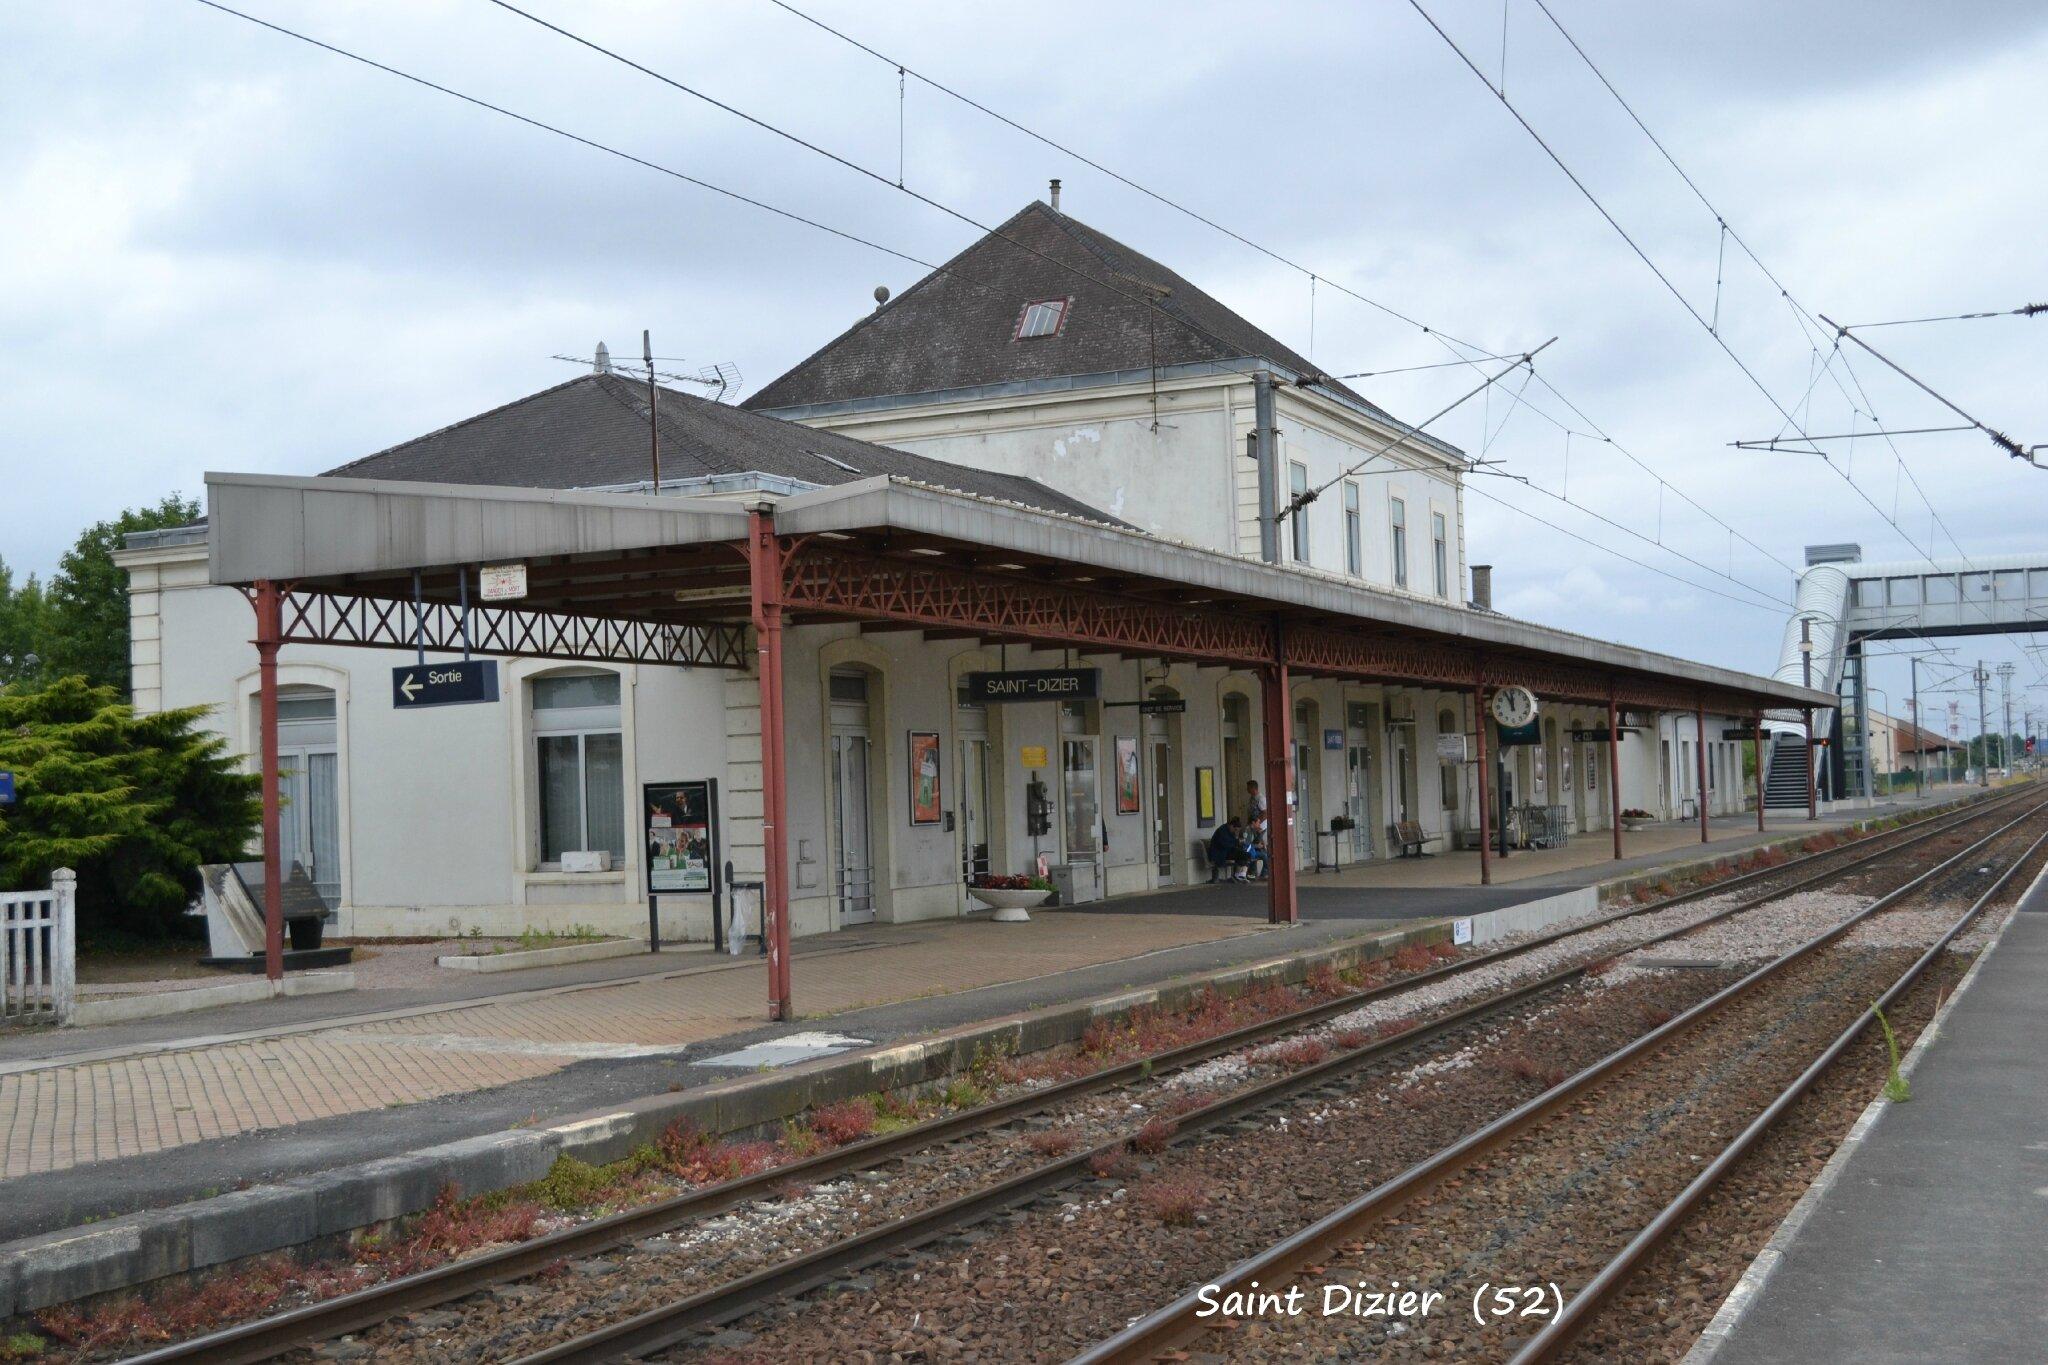 la gare de saint dizier 52 les gares de france et leurs infrastructures ferroviaires. Black Bedroom Furniture Sets. Home Design Ideas